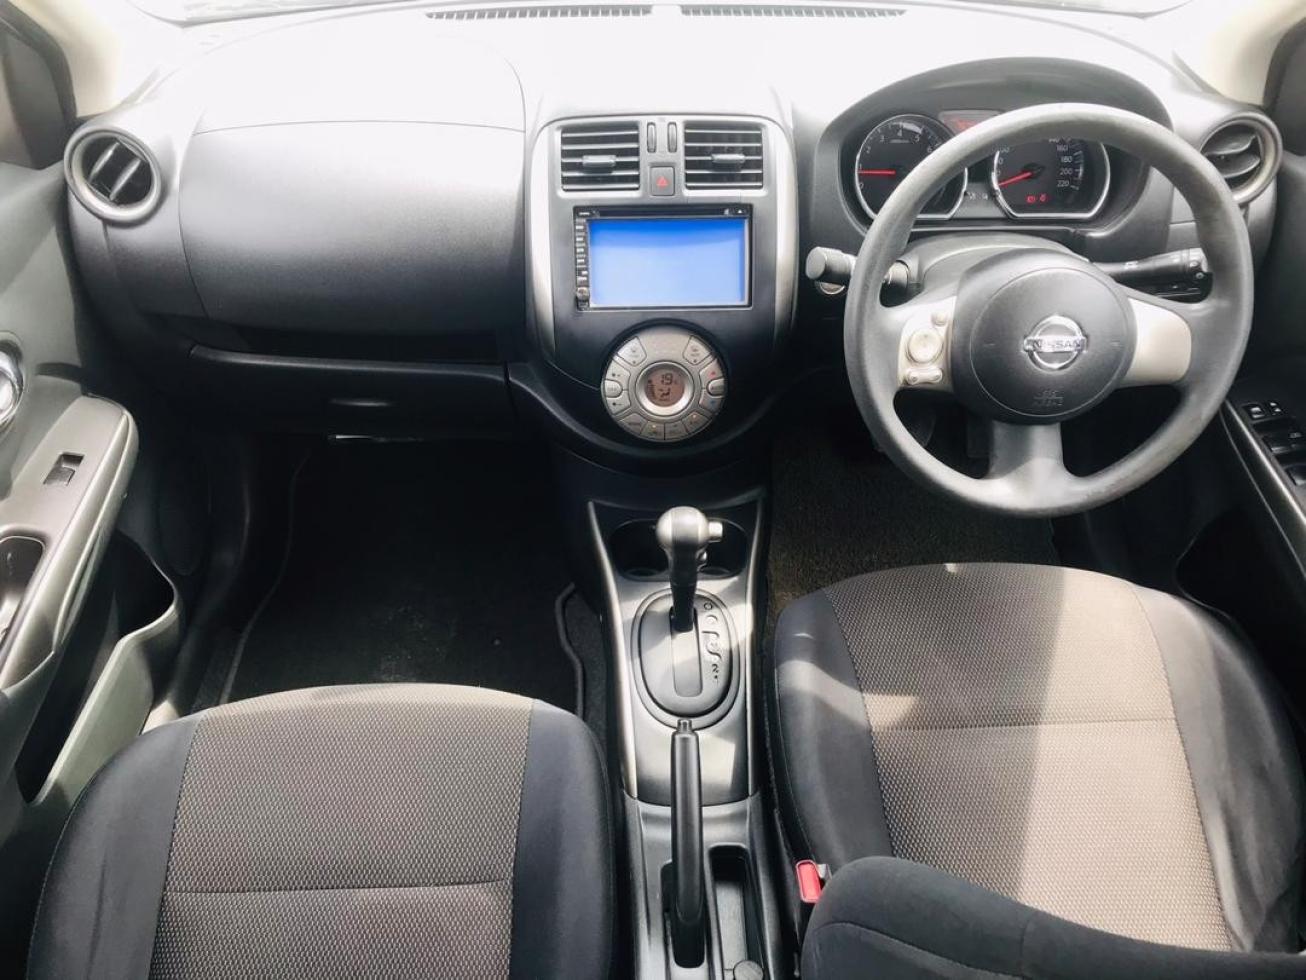 2013 Nissan ALMERA 1.5 V (IMPUL) (A)